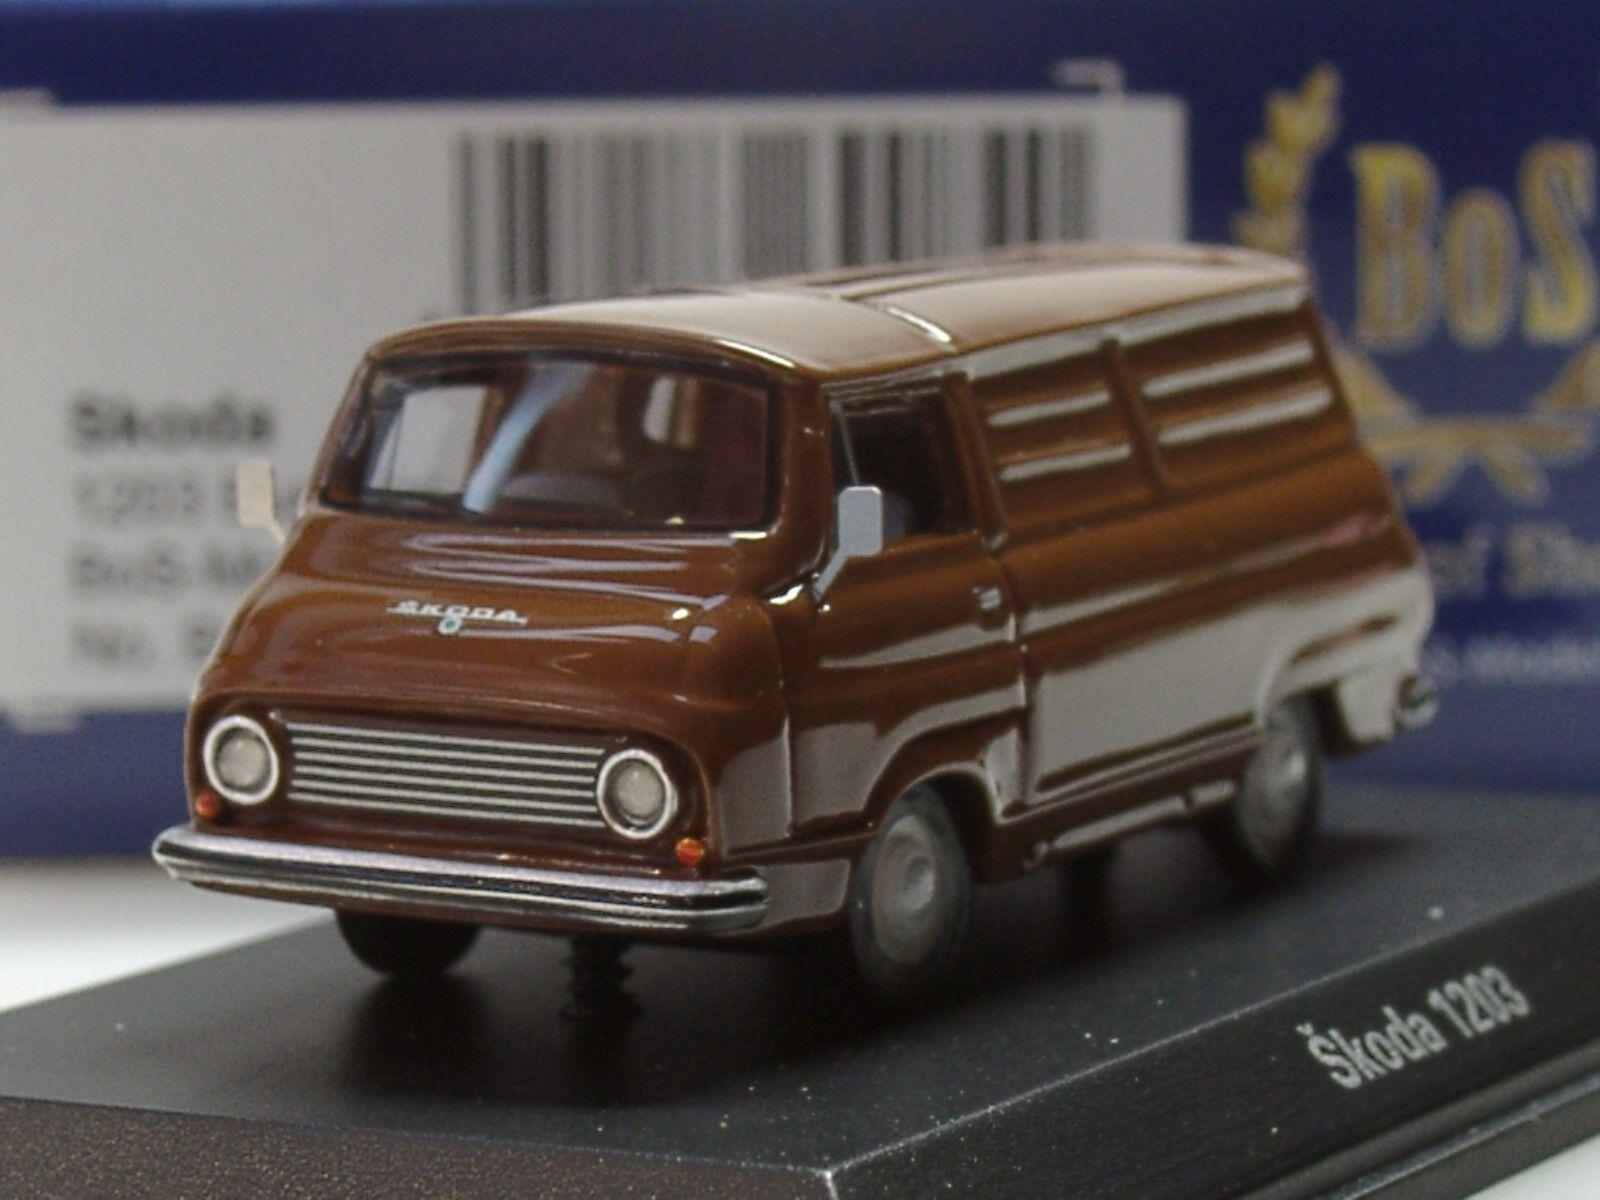 BOS Skoda 1203 Kastenwagen, 1968, brown - 87552 - 1 87